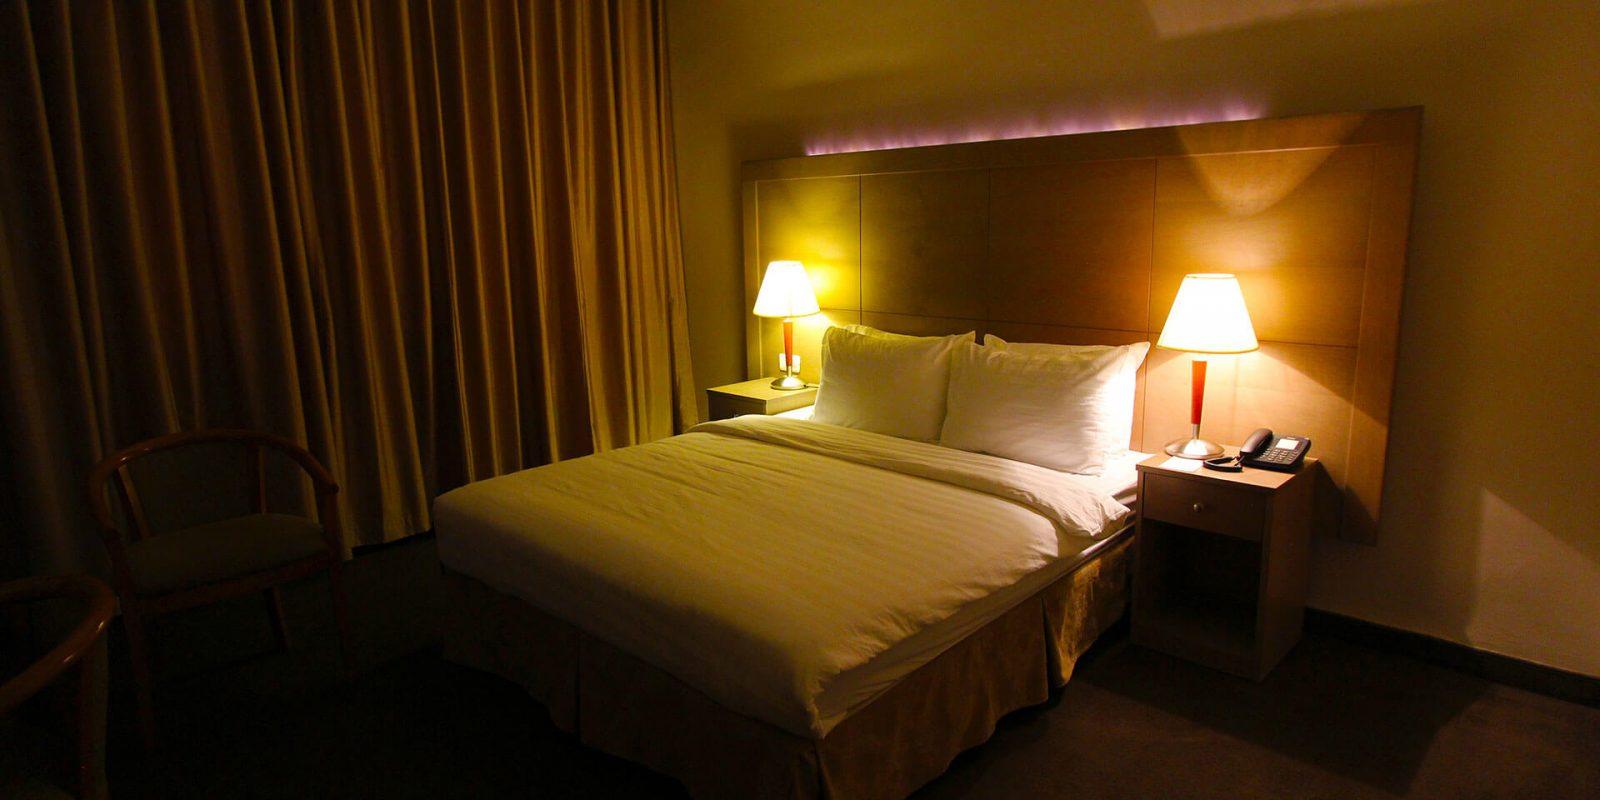 Ritz hotel_Standard Double Room (2)